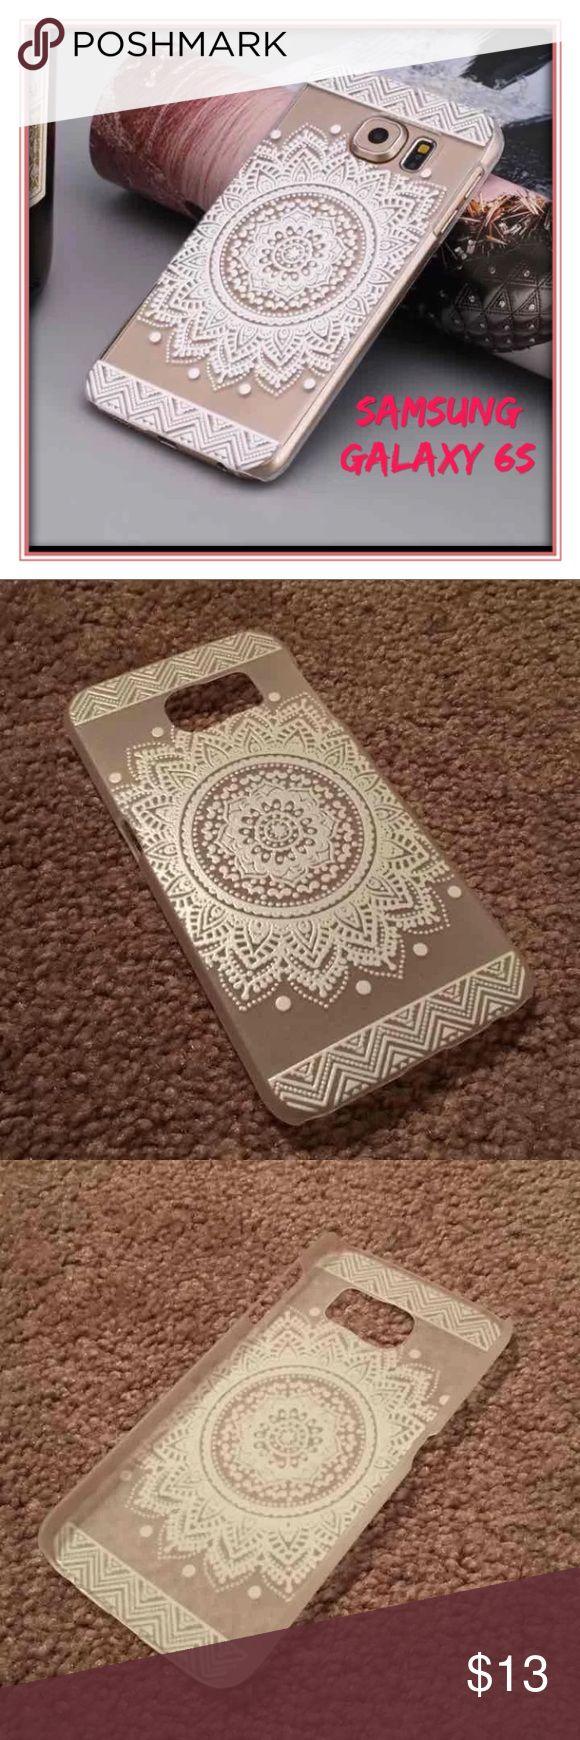 🆕 Samsung Galaxy 6S phone case New!  Samsung Galaxy S6 White Henna Design  Case Accessories Phone Cases